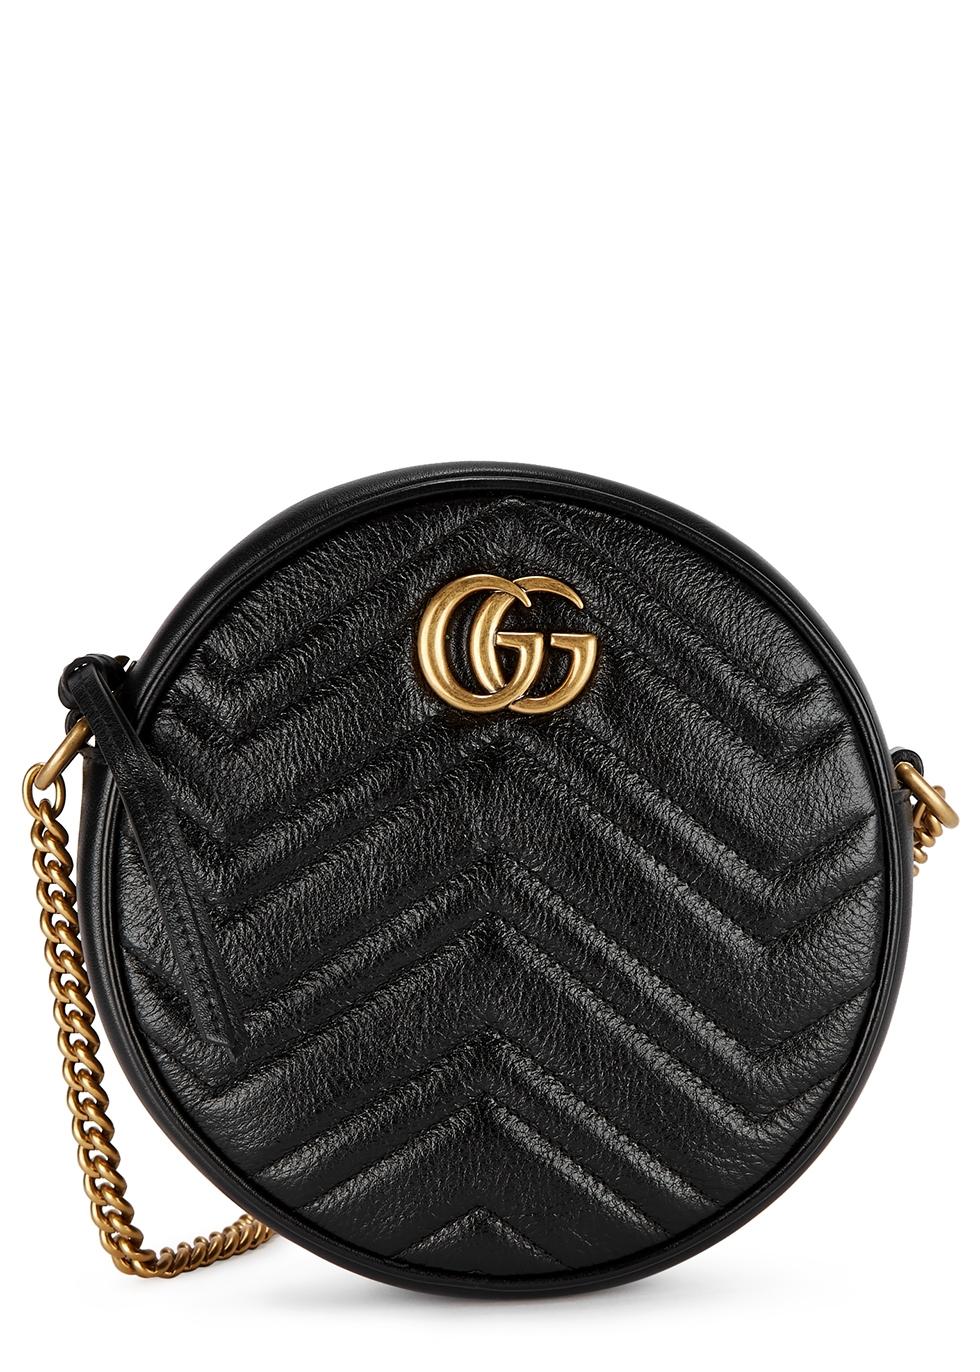 f57103d9093e Gucci Handbags - Harvey Nichols